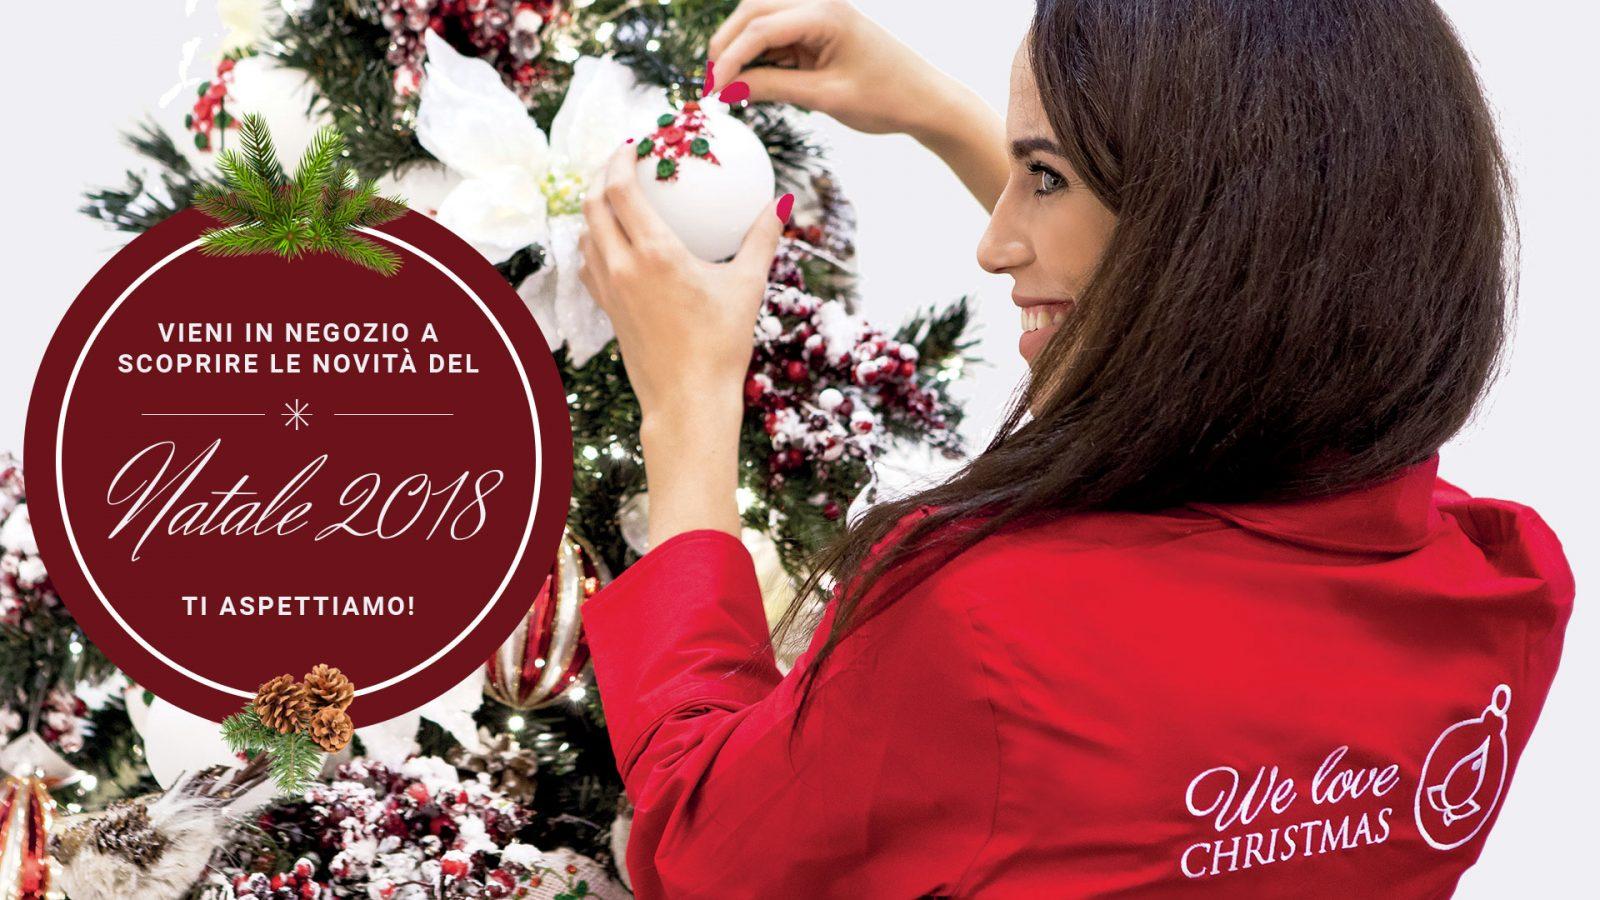 Vieni a scoprire le novità del Natale Agri Brianza 2018